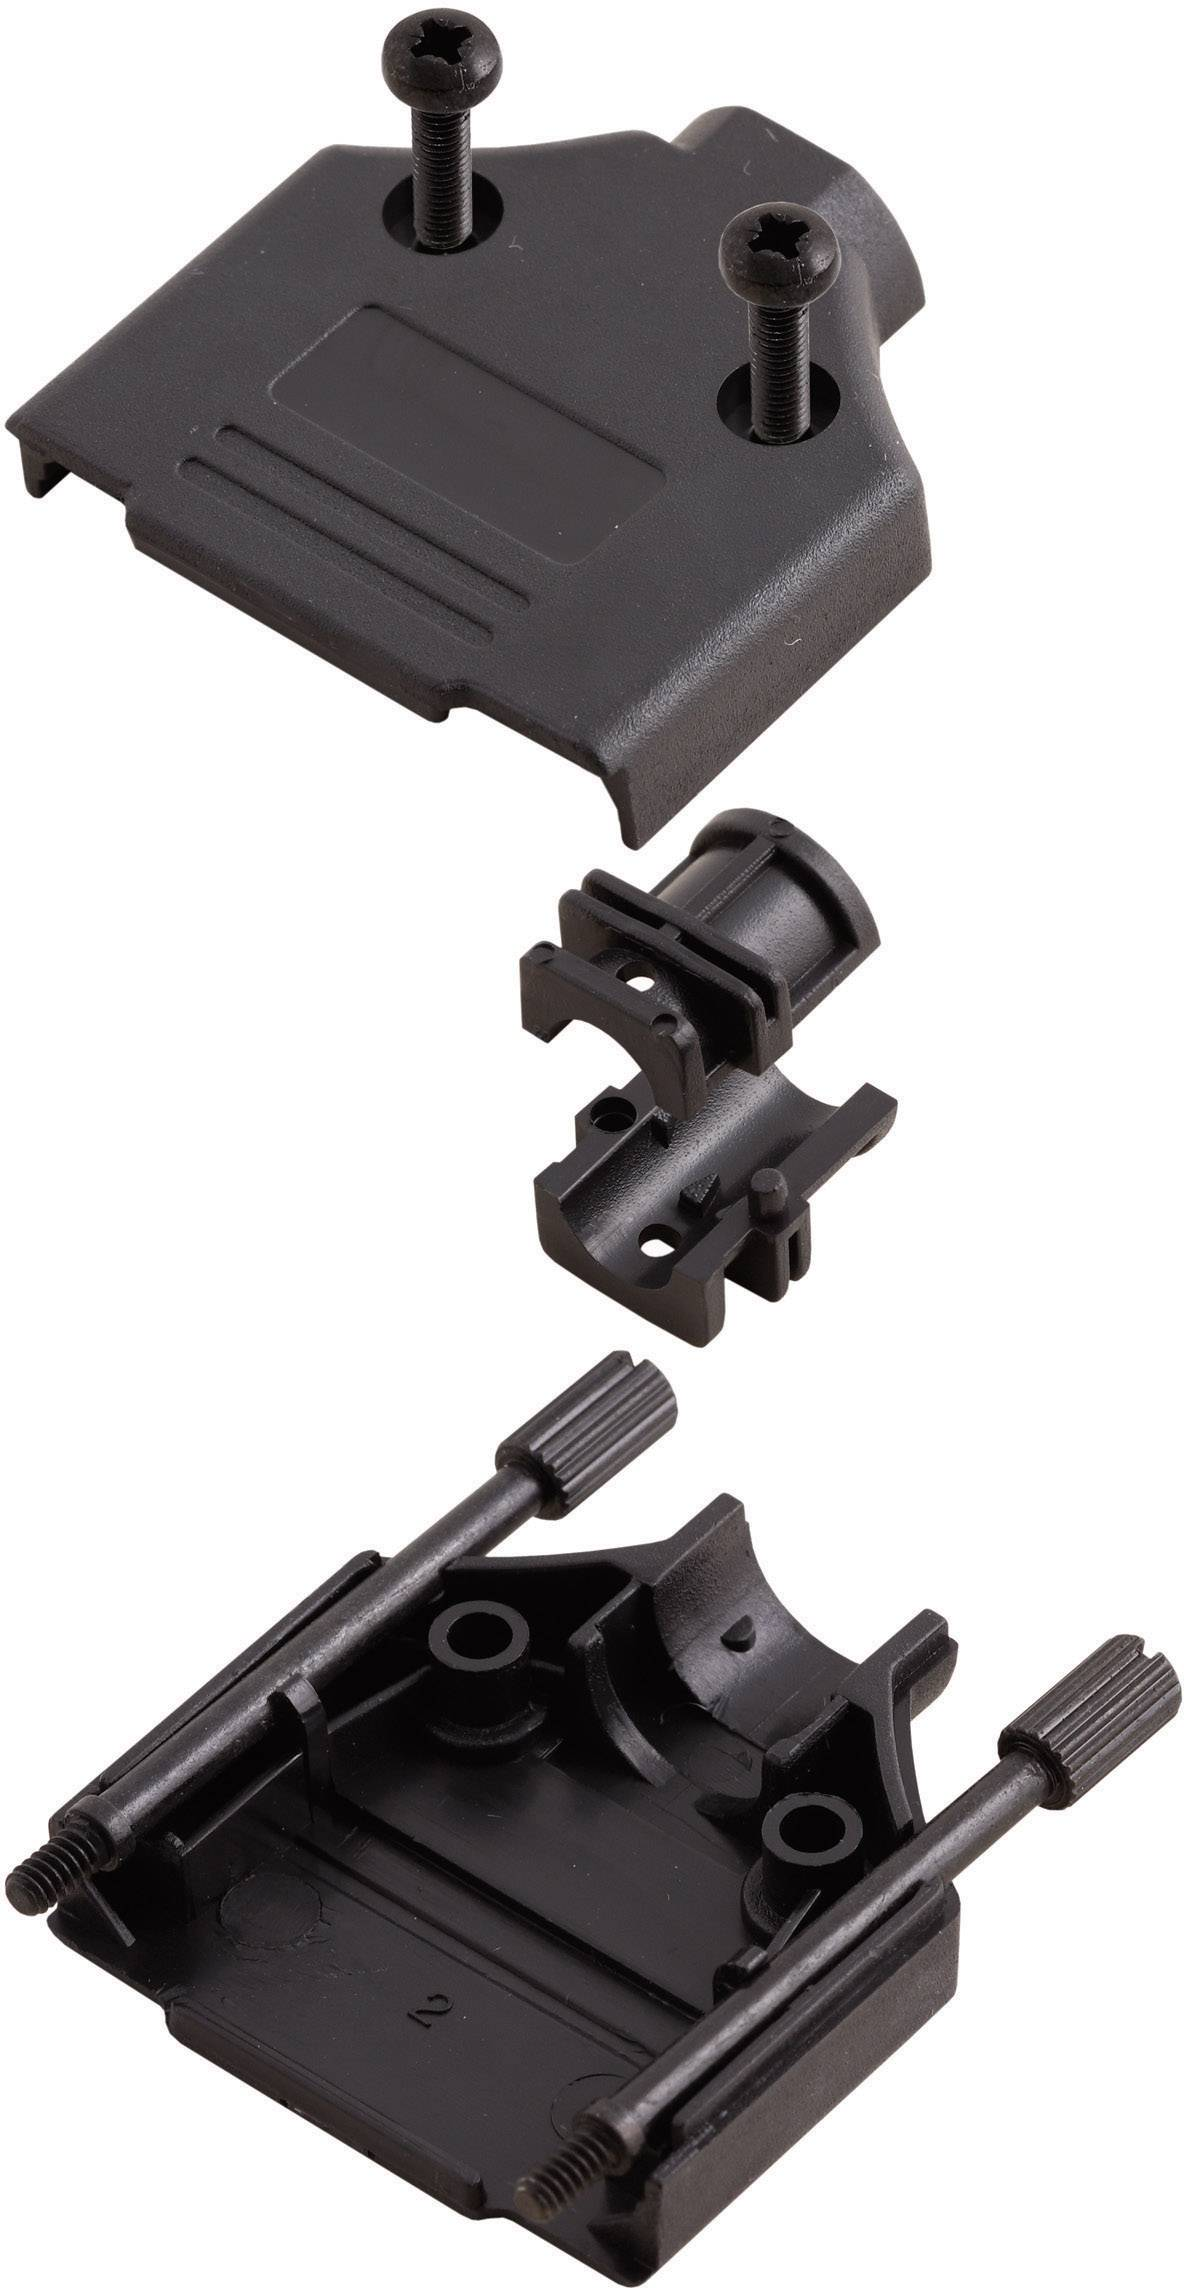 D-SUB púzdro MH Connectors MHDTPPK-09-BK-K 6560-0108-01, Počet pinov: 9, plast, 180 °, čierna, 1 ks